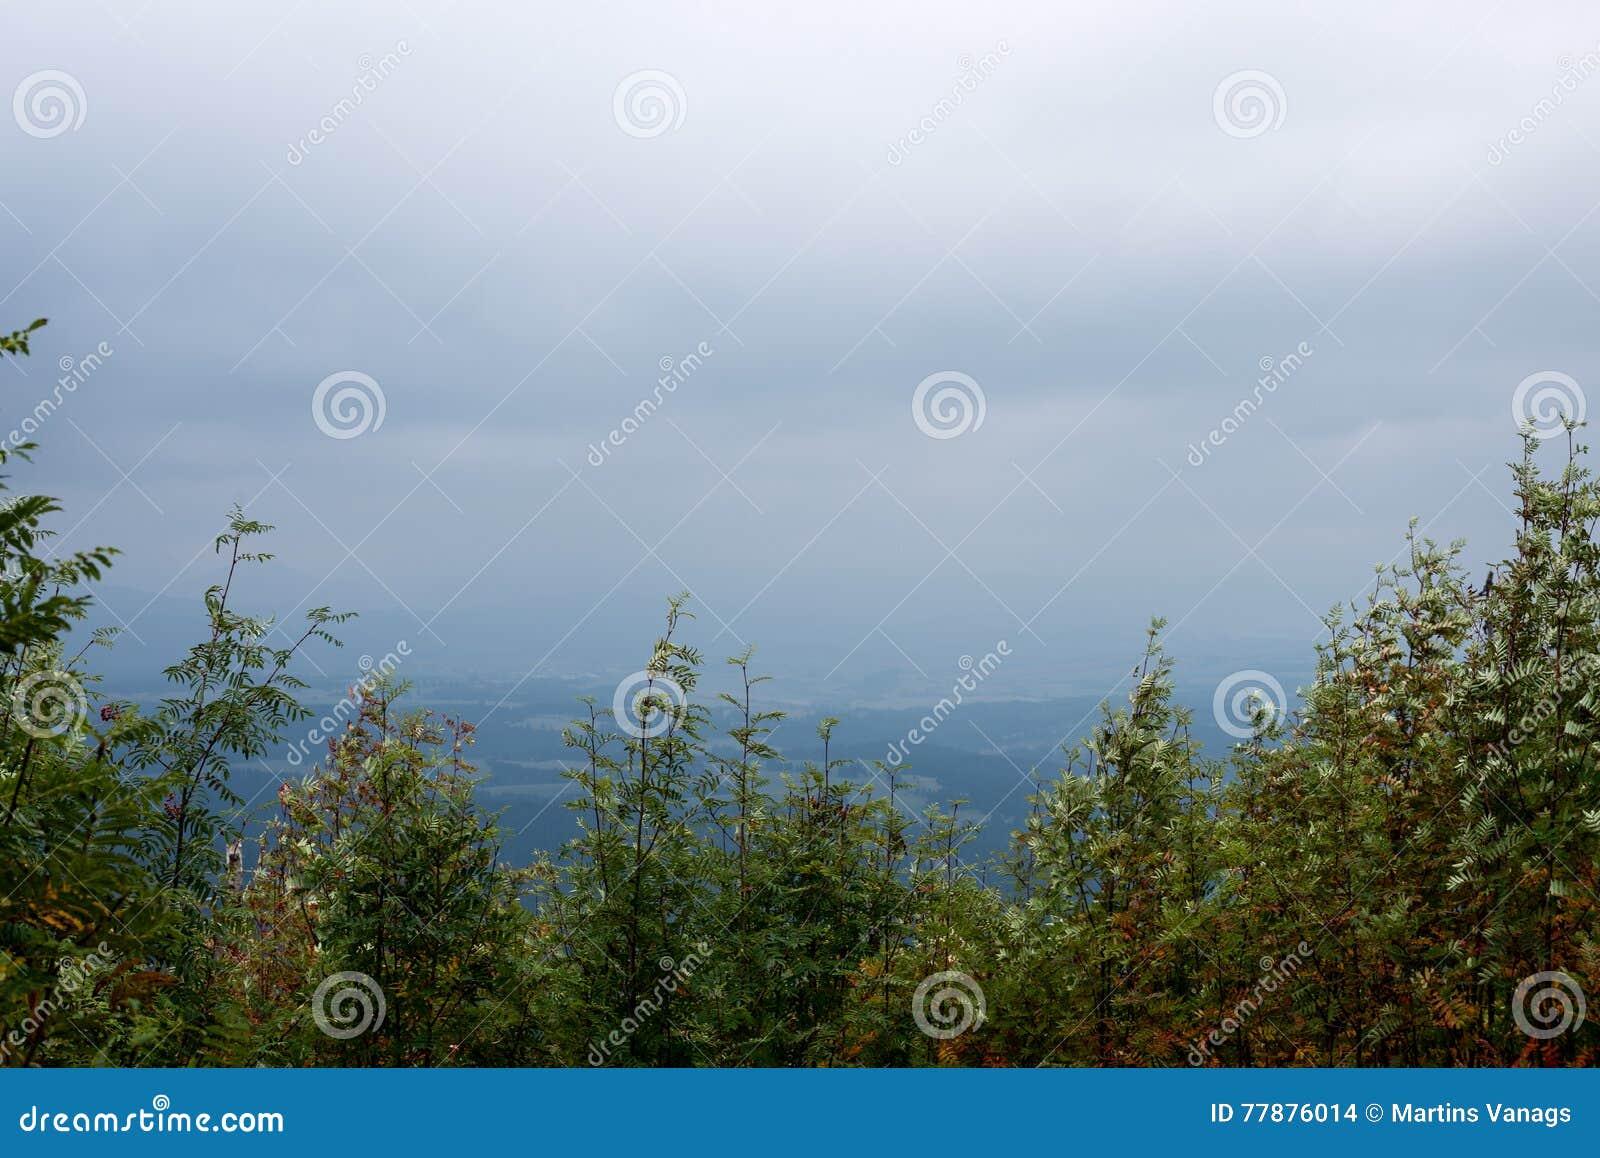 Mountain View Brumoso De La Mañana Foto de archivo